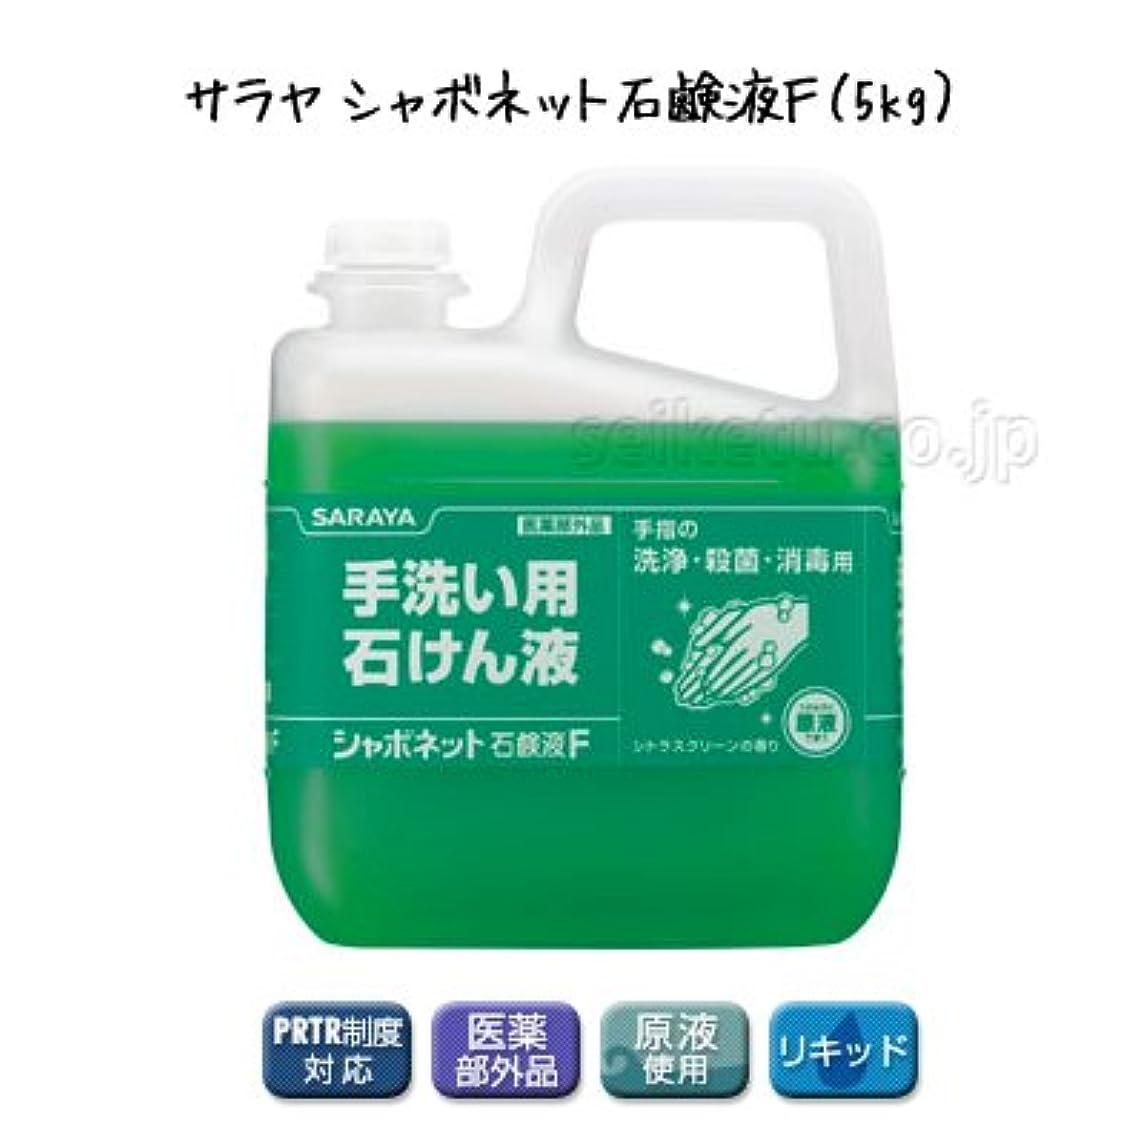 拘束リーダーシップ充電【清潔キレイ館】サラヤ シャボネット石鹸液F(5kg)